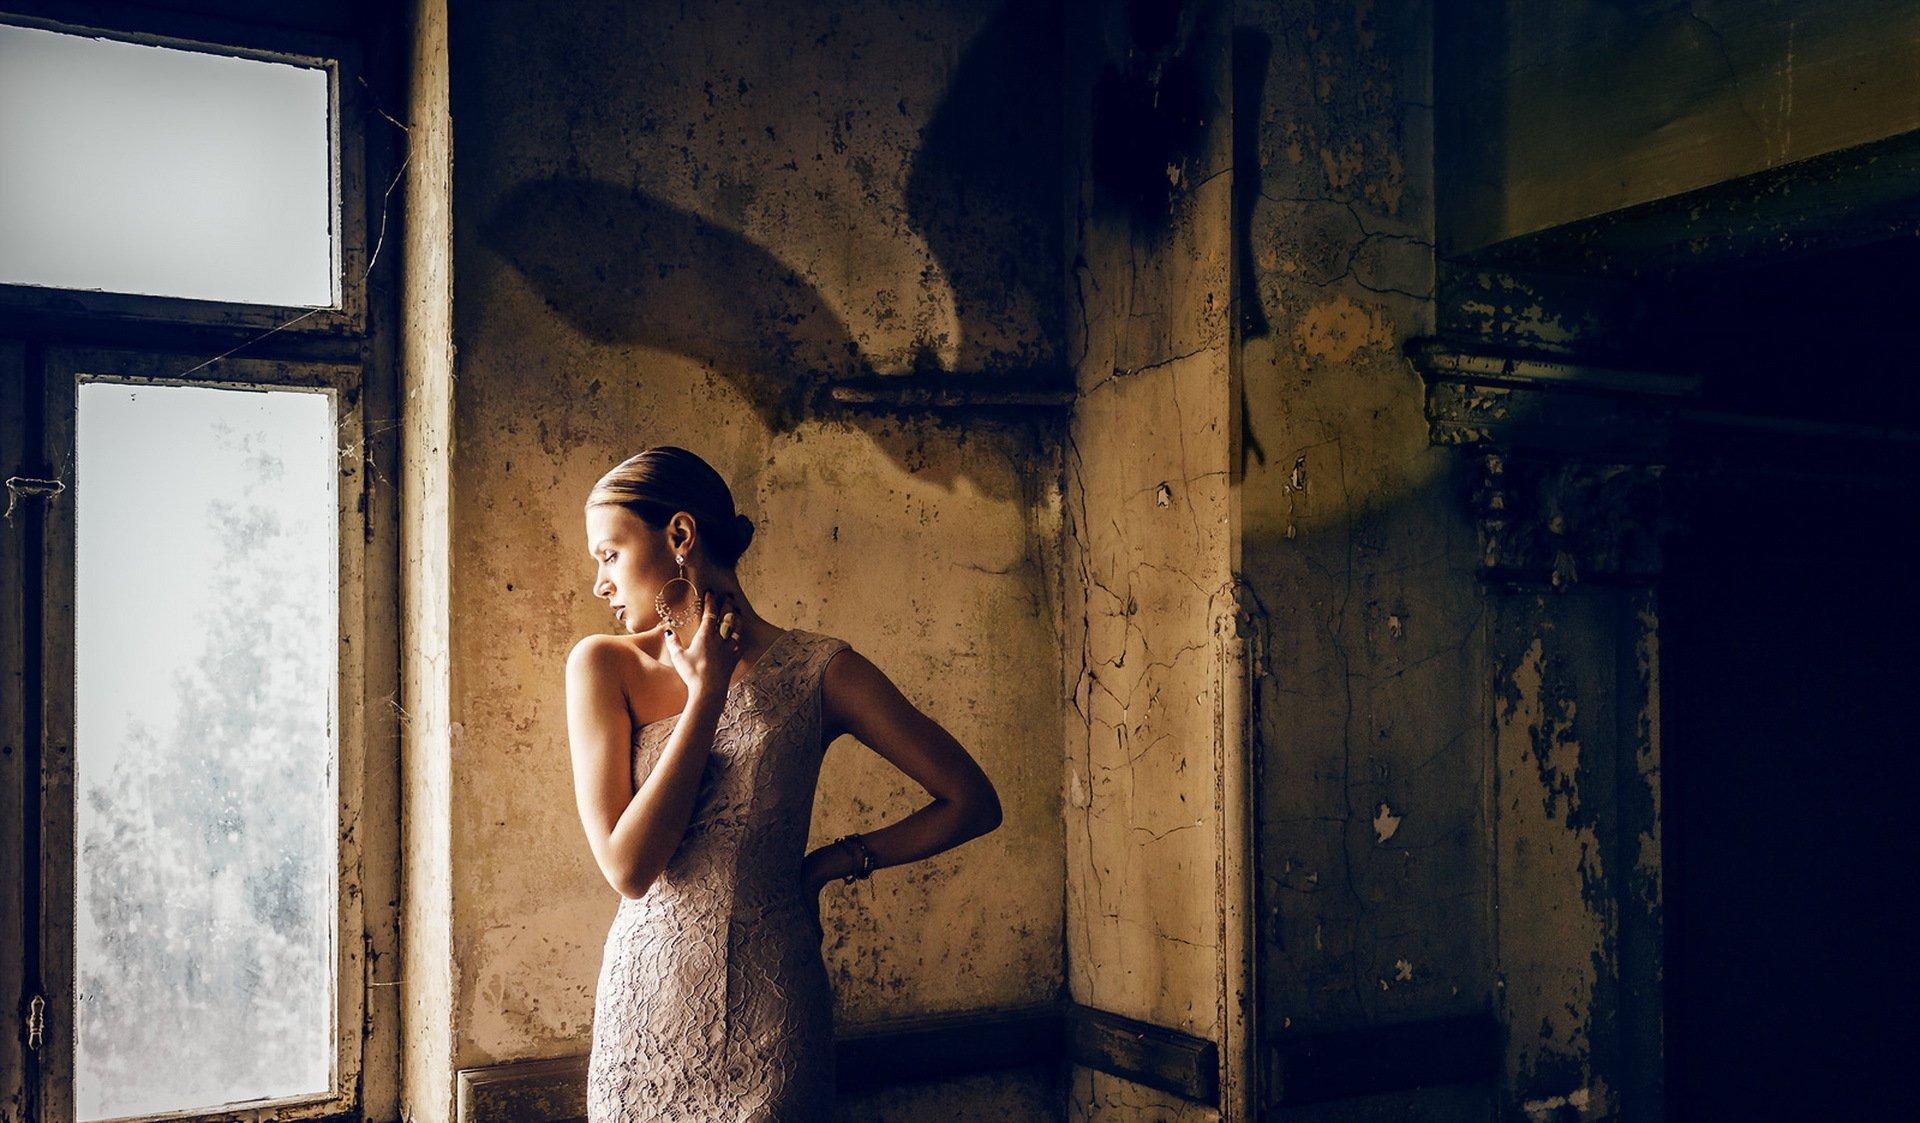 Фото девушки в тени в квартире